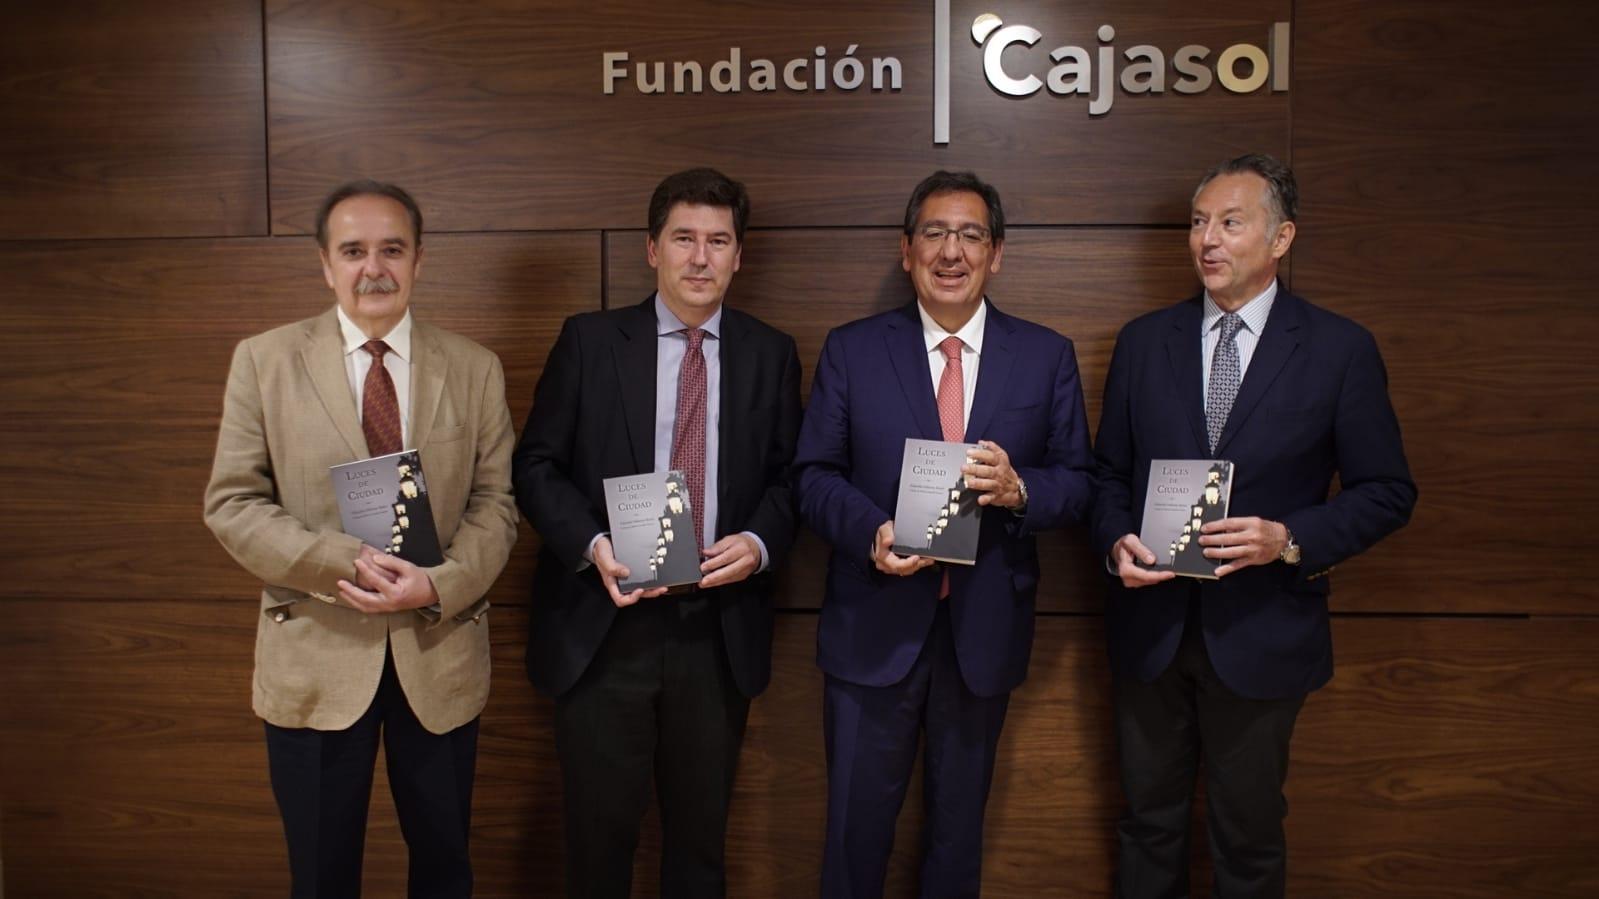 Osborne, Eduardo, Pulido, Antonio